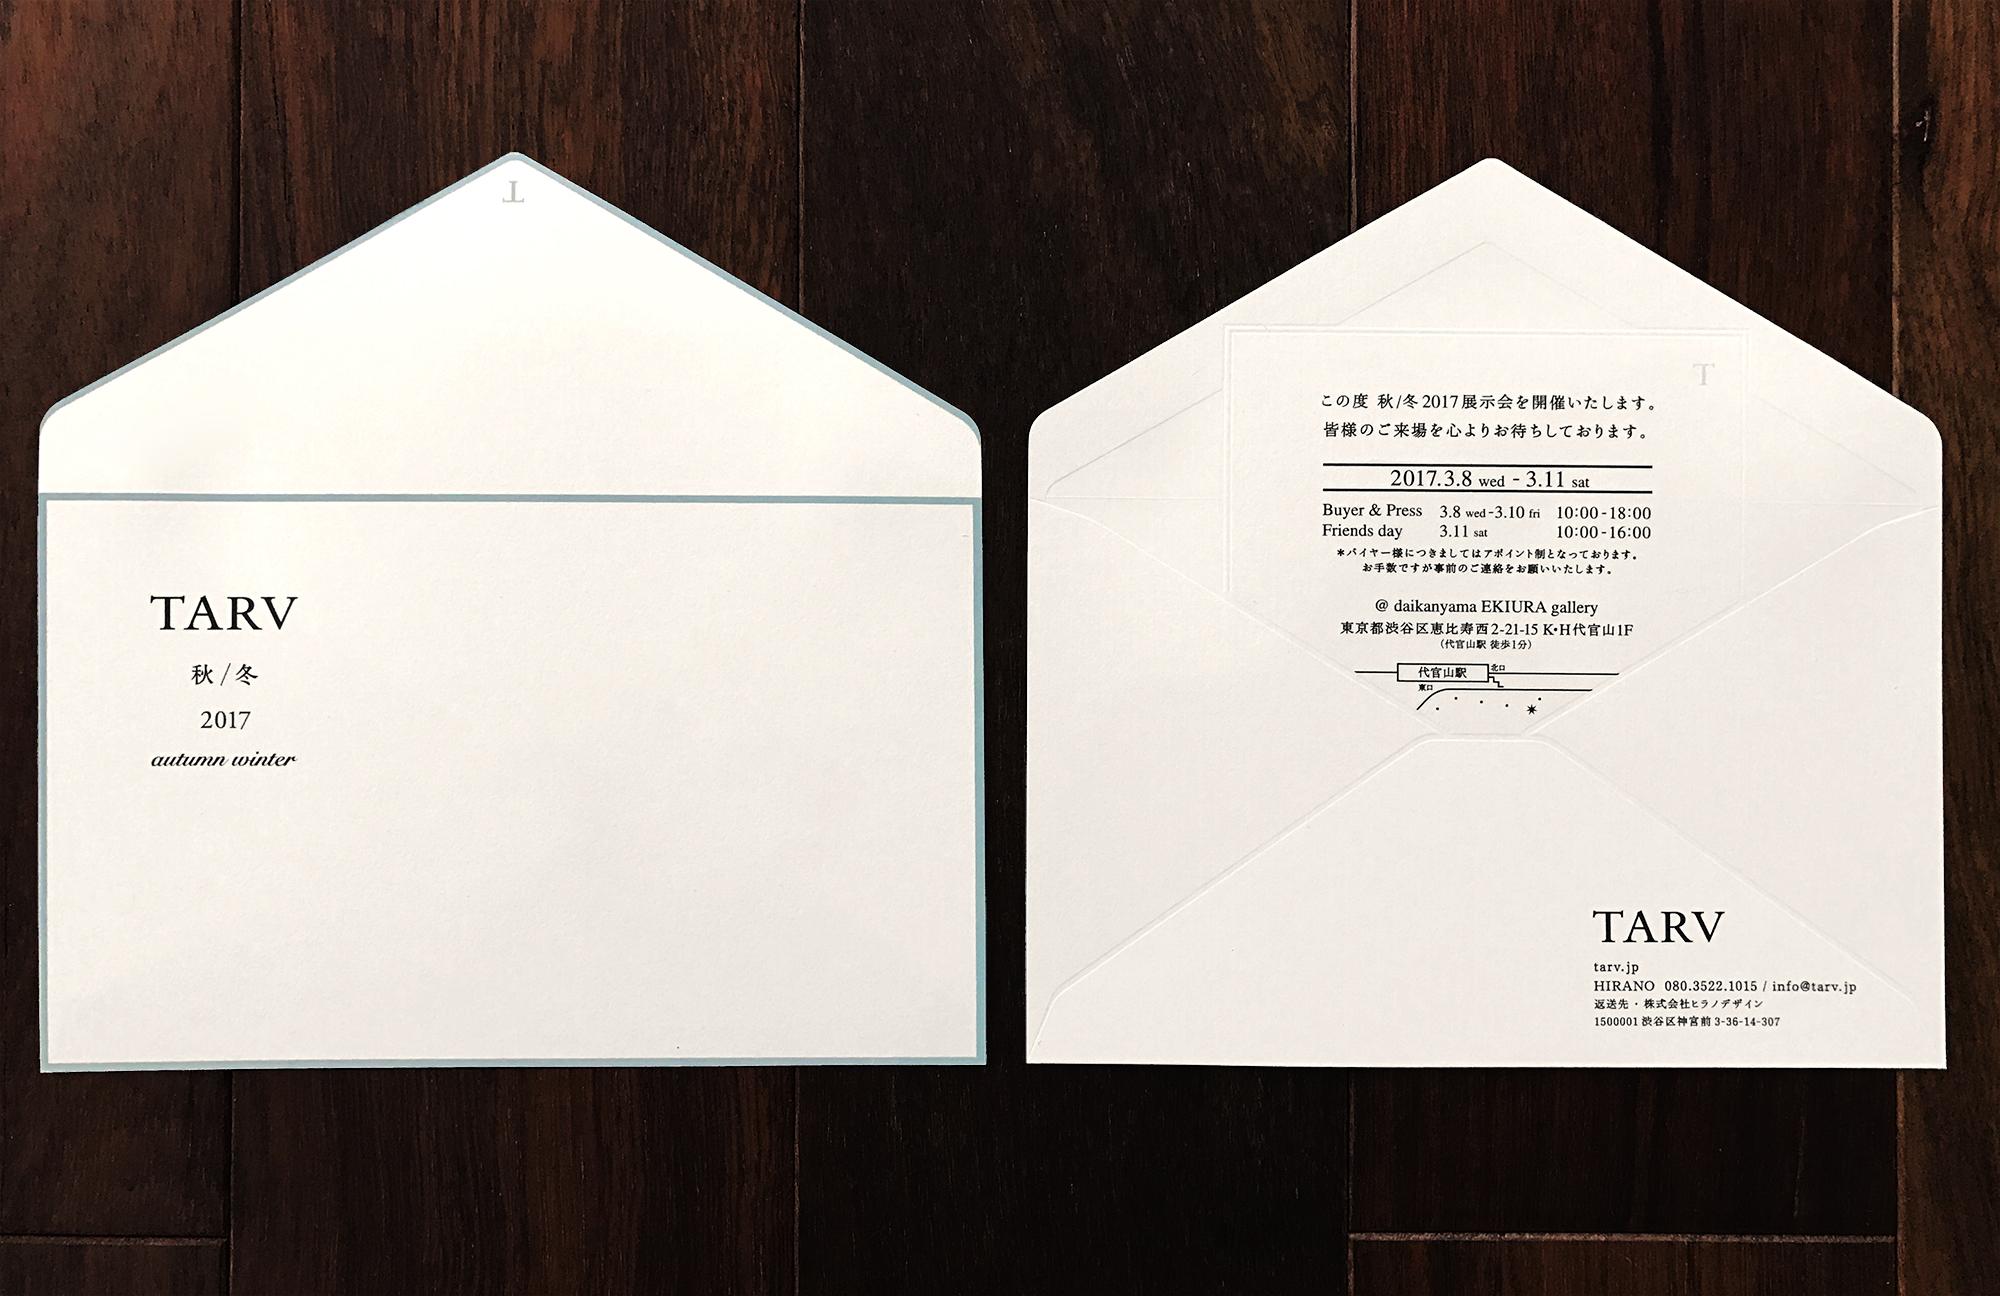 TARV 2017 秋 / 冬 DM